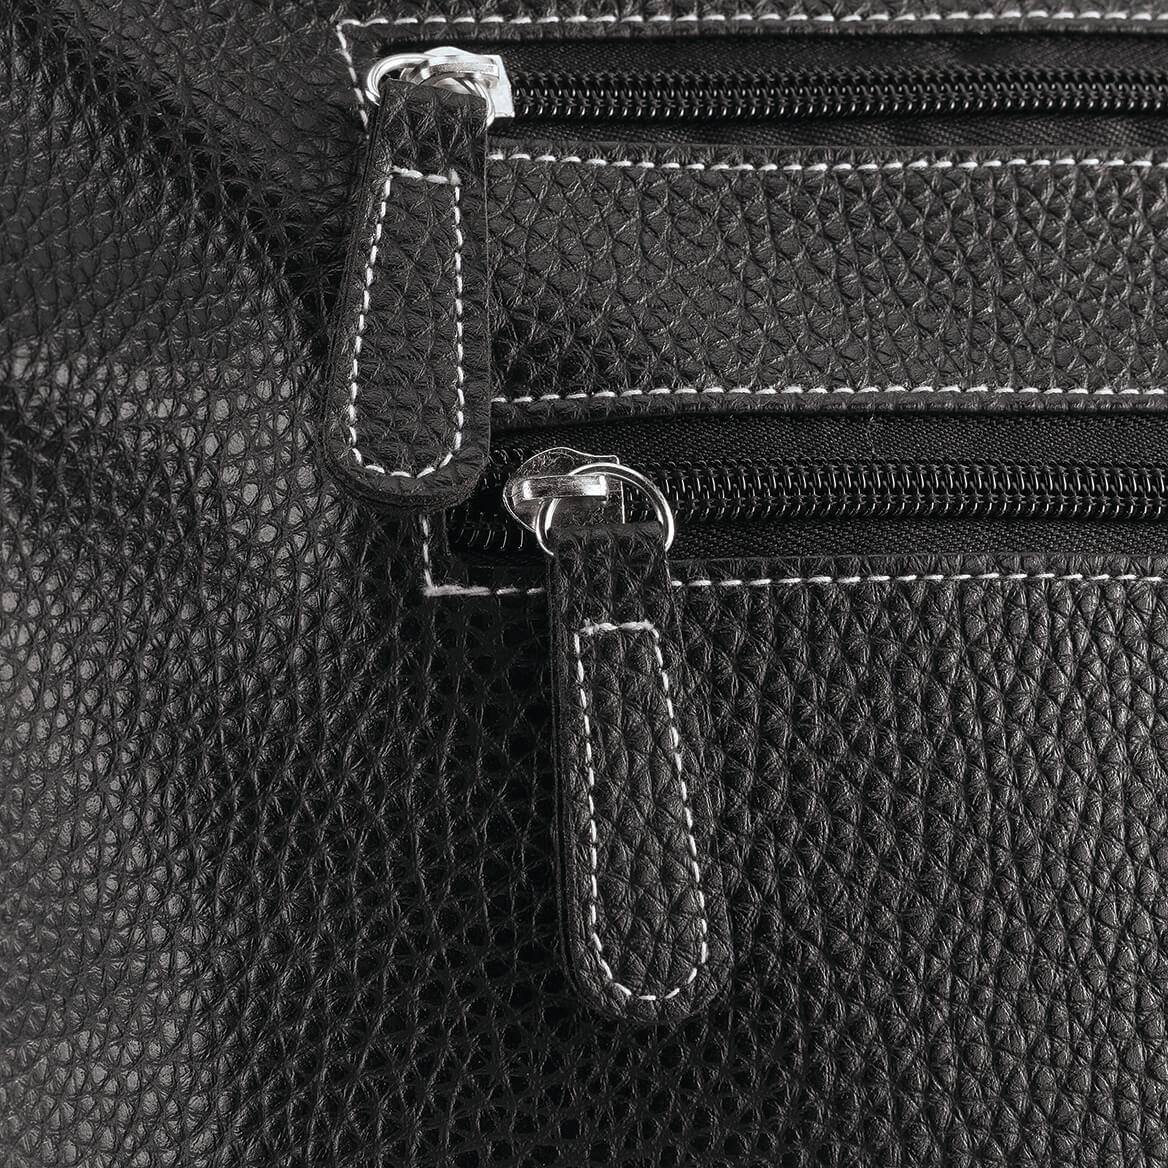 B.Amici™ Elisa RFID Black Leather Tote-367447